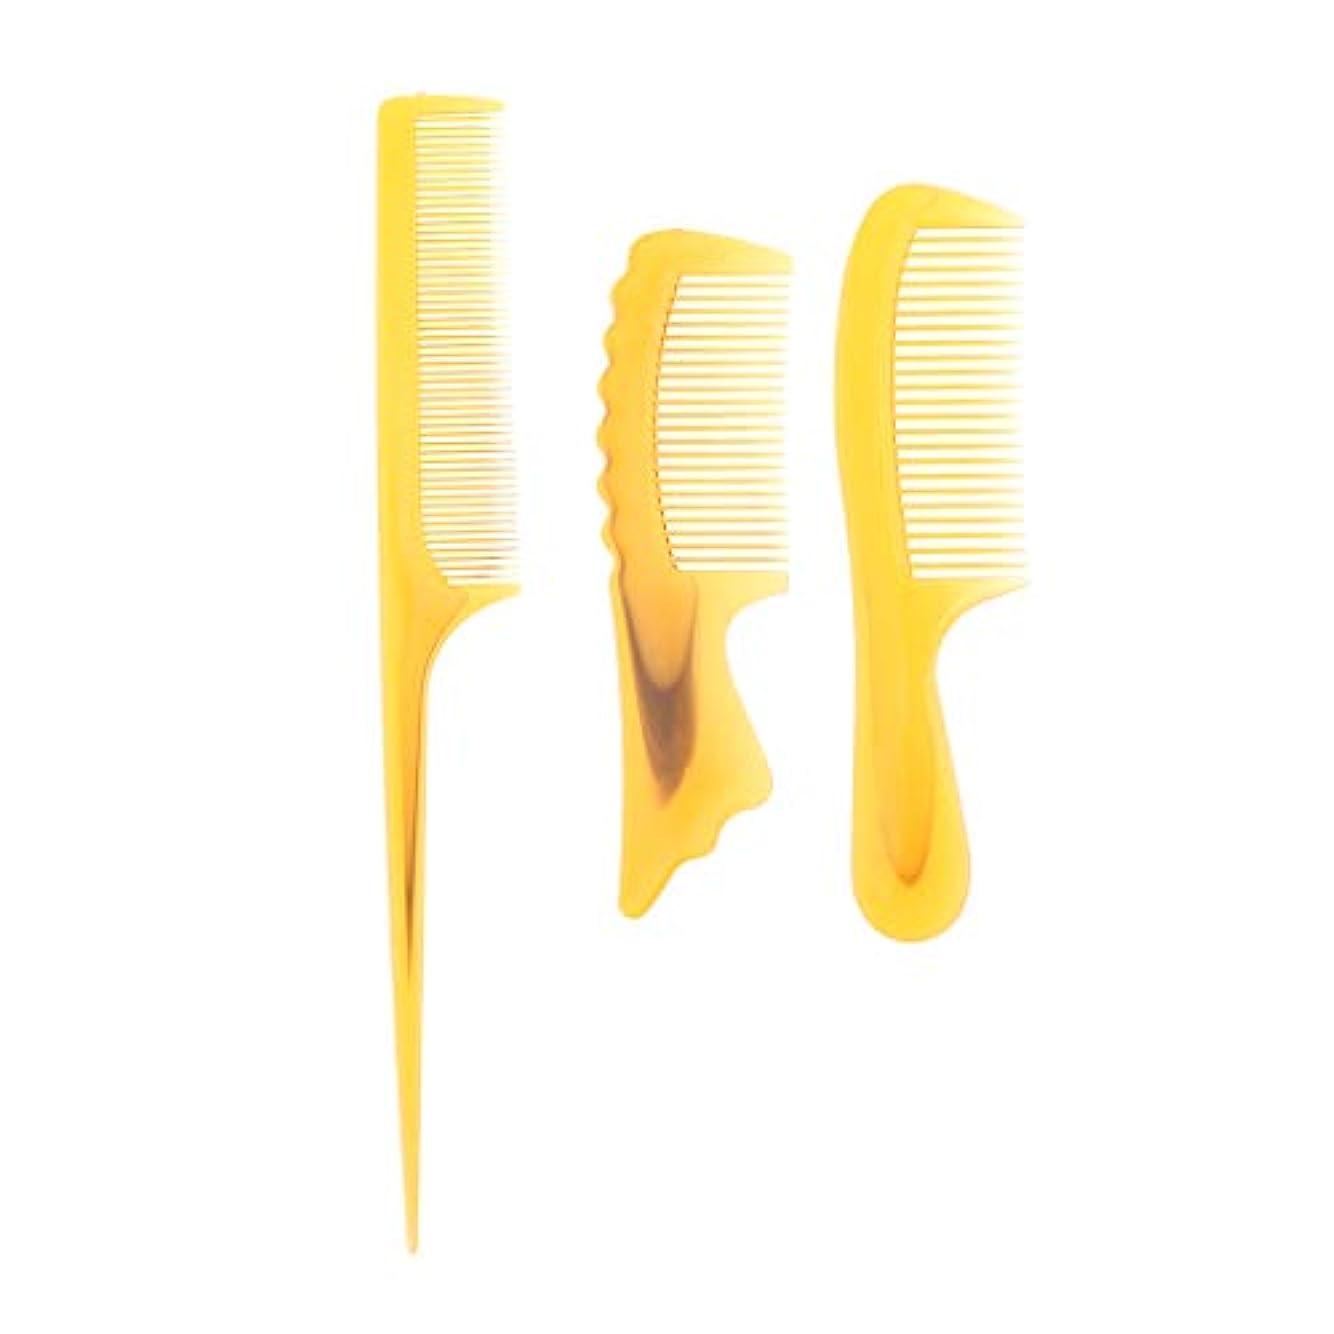 ダイヤモンドきゅうり調整B Baosity 3個 ヘアコーム 静電防止櫛 コーム 理髪 美容師 ヘアケア